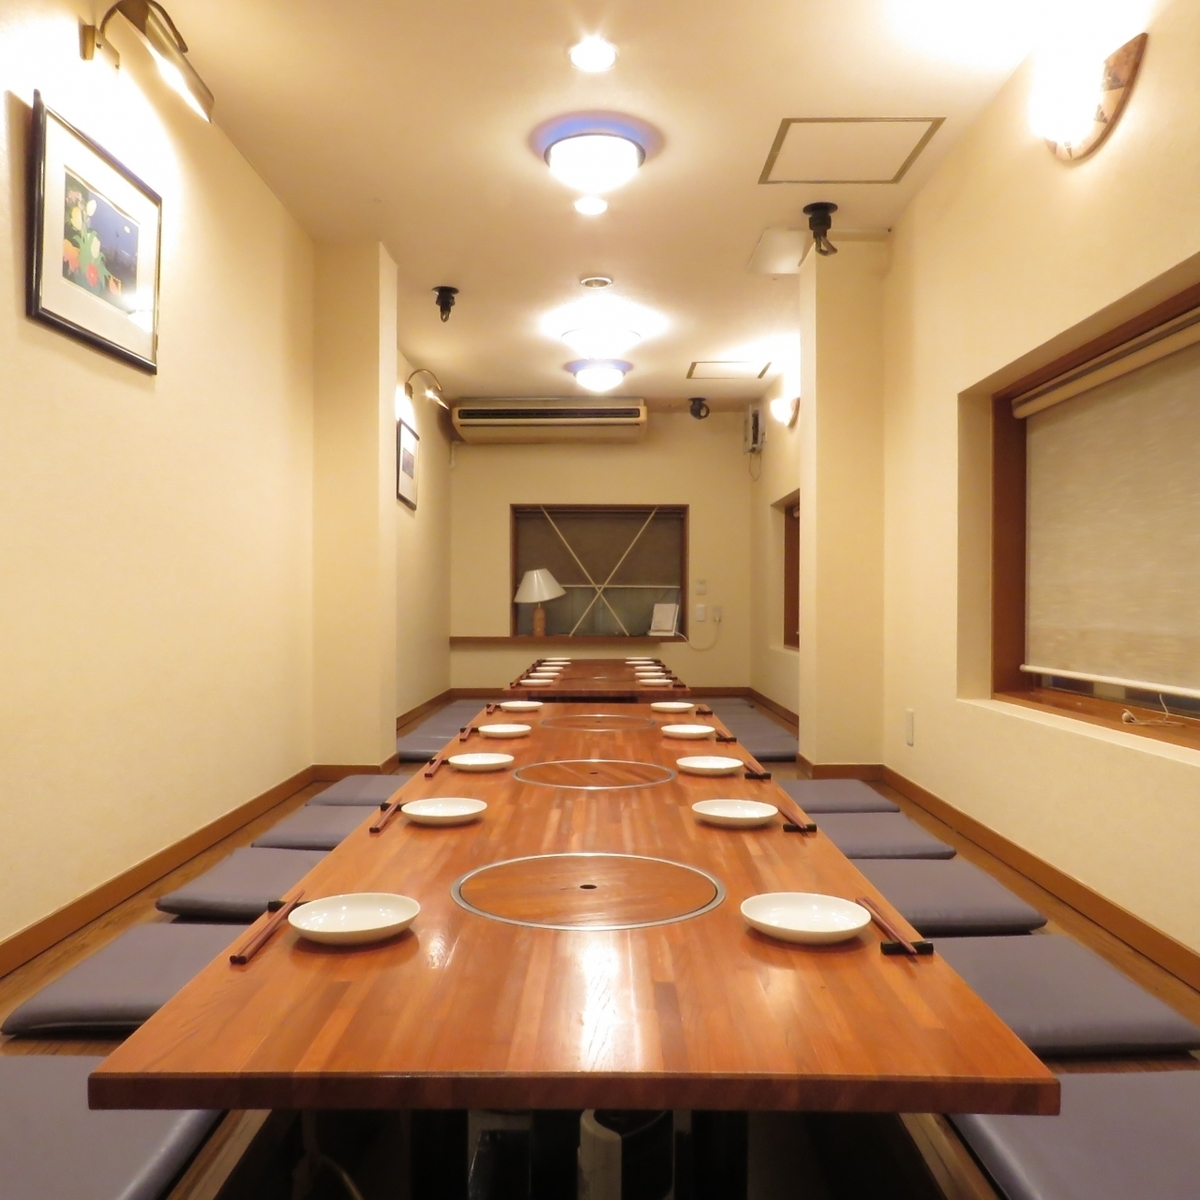 最大25名様収容の宴会個室です!3階フロアーごと貸切状態になるので、ほかのお客様に気を遣わず、盛り上がりたい放題!! トイレも3階にあります!